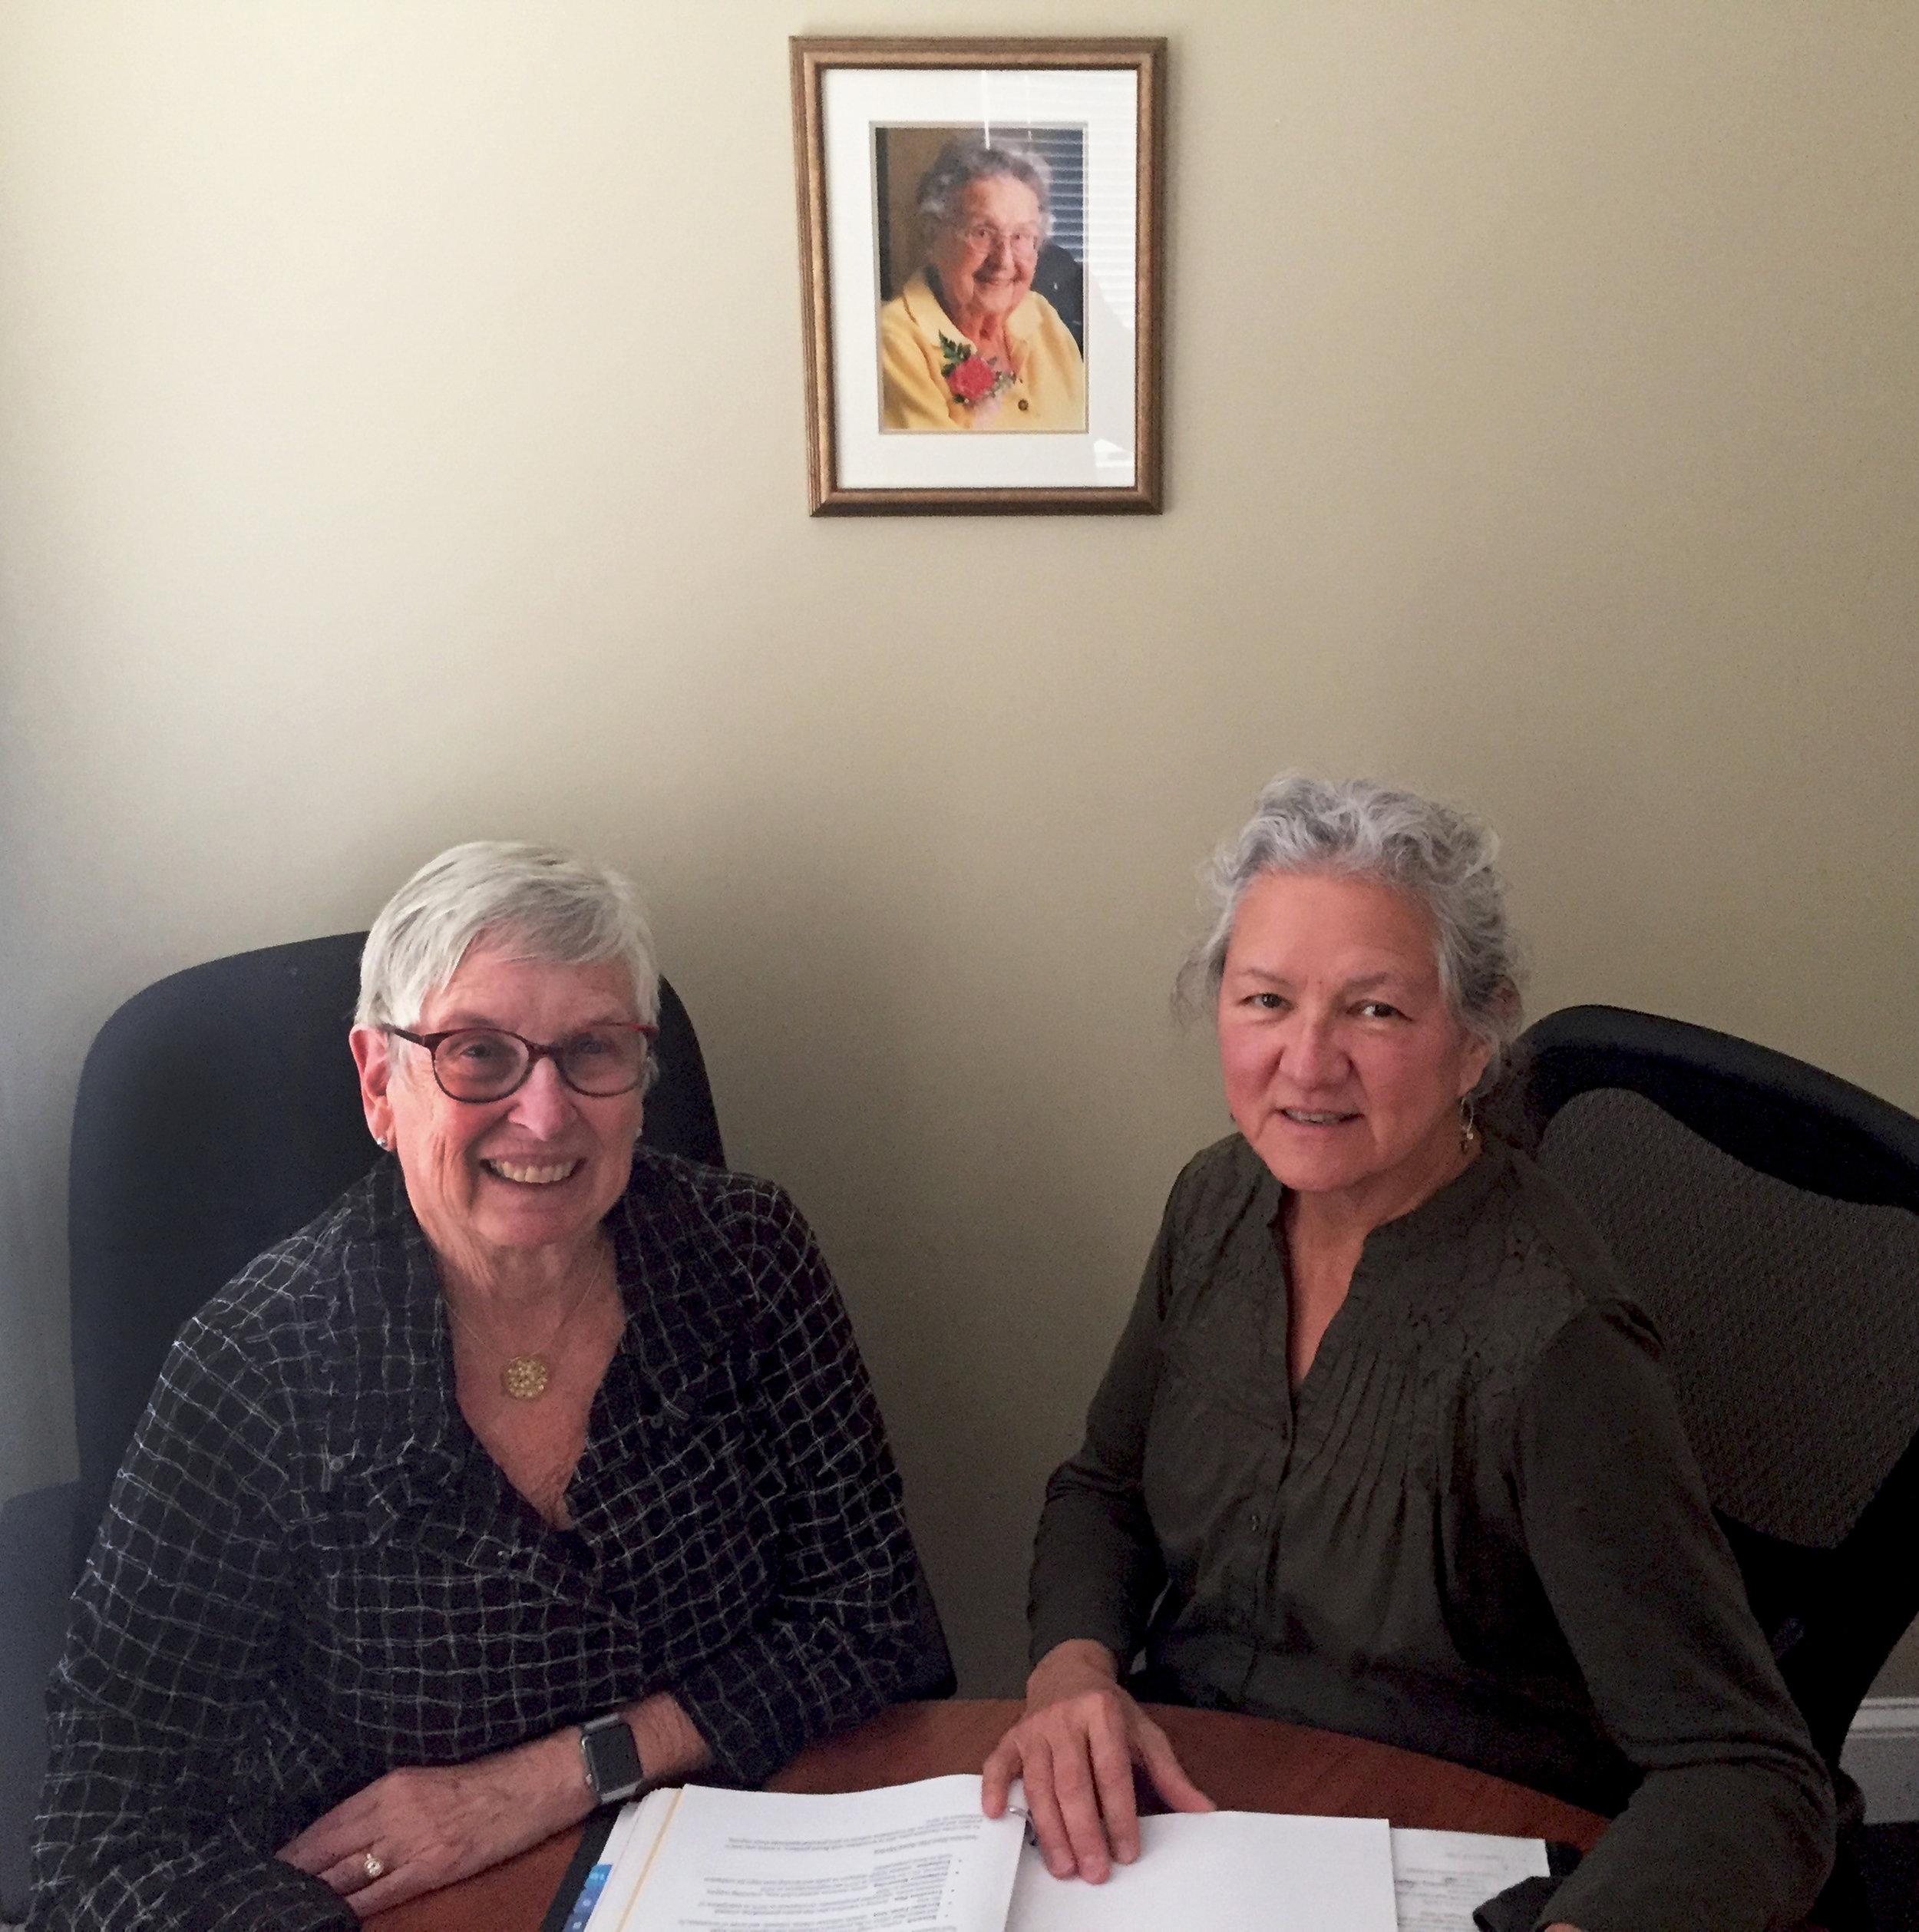 Carol Wishcamper and Gail Dana-Sacco